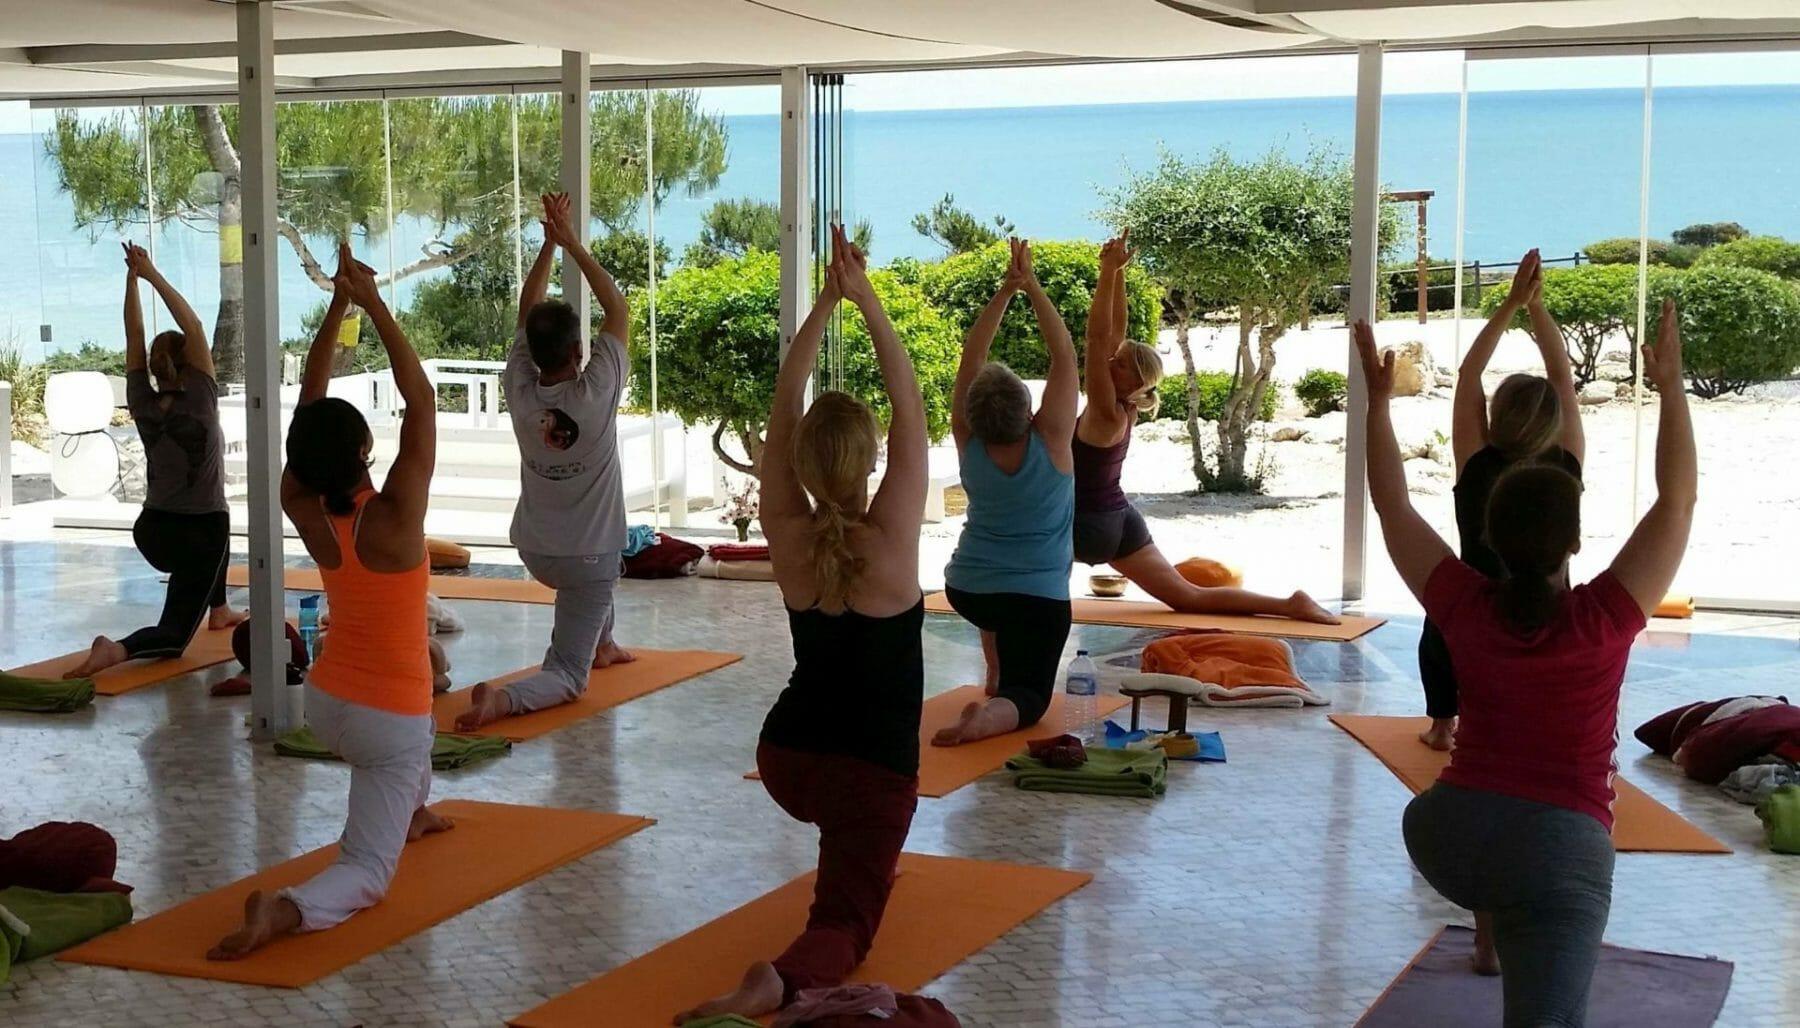 Yoga am Meer - Gruppe beim Üben mit Blick über dem Atlantik